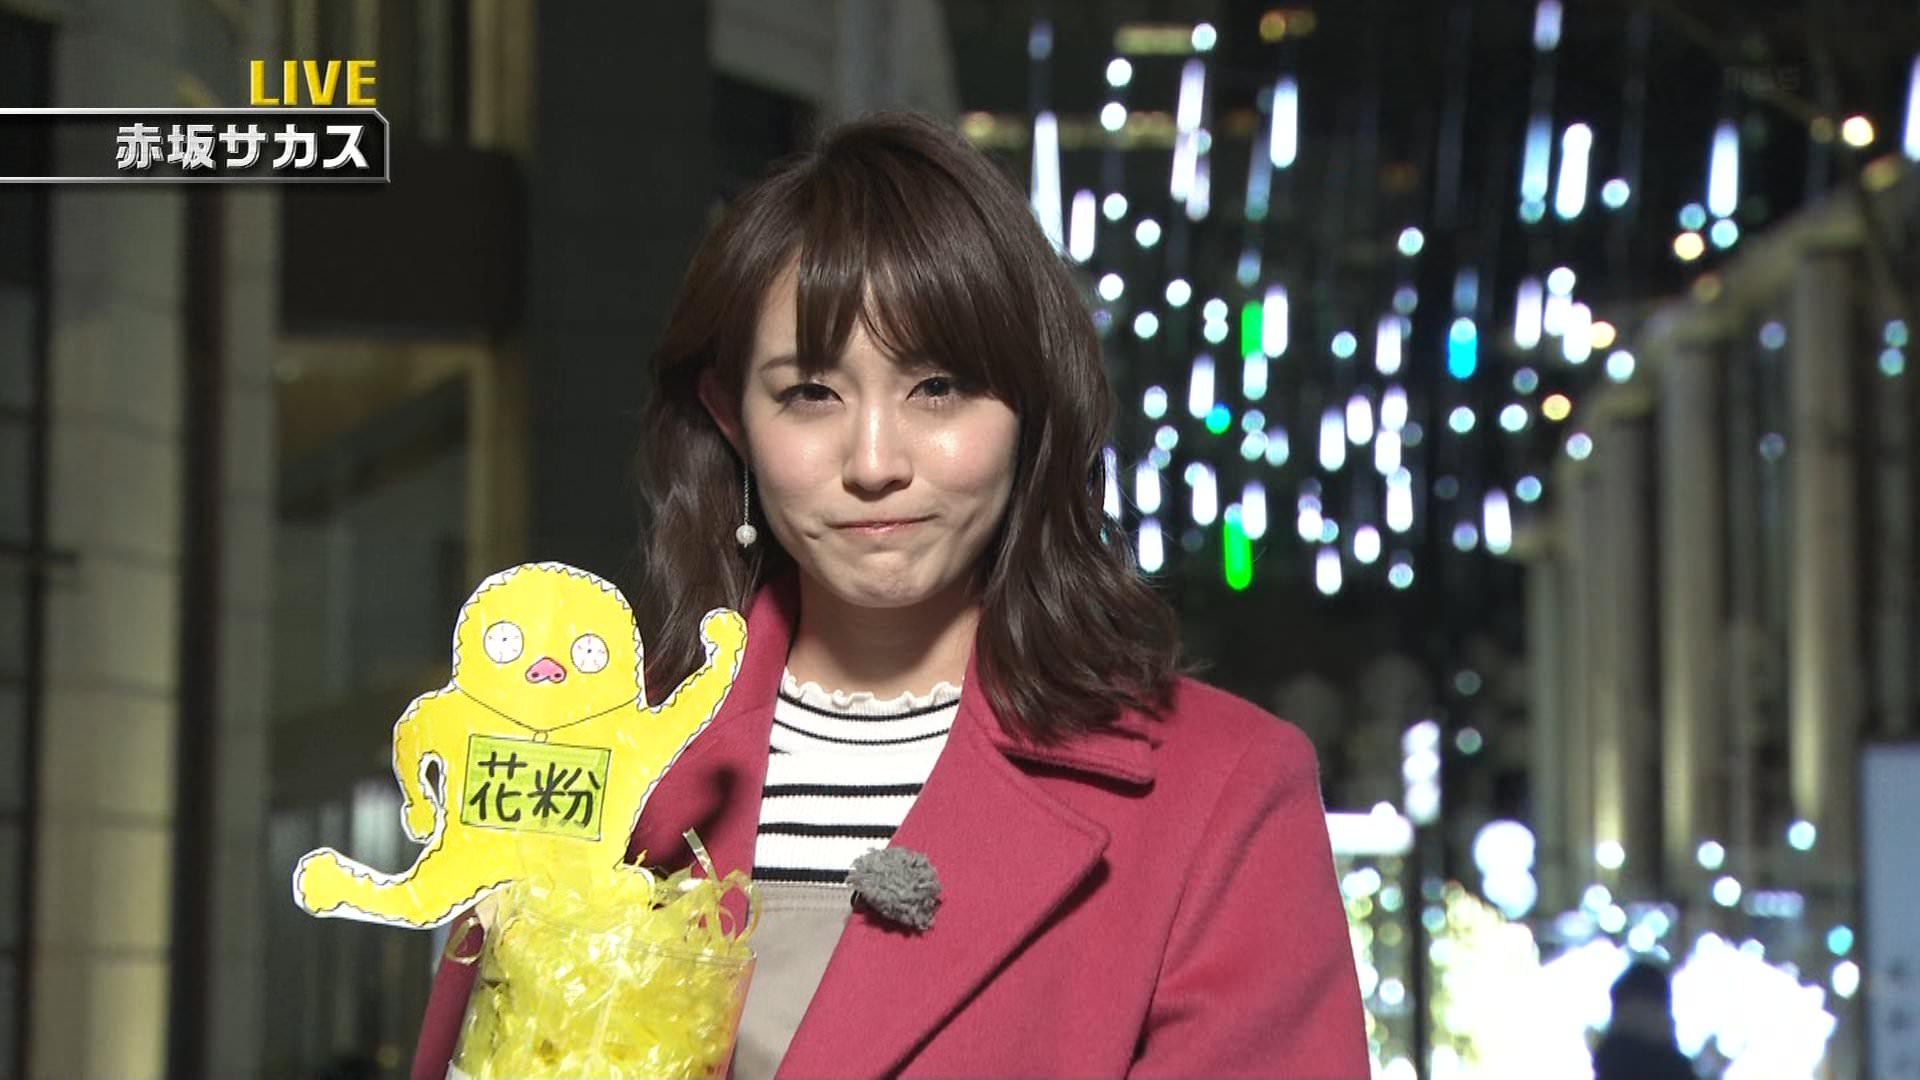 新井恵理那アナ 新・情報7daysニュースキャスター グッド!モーニング